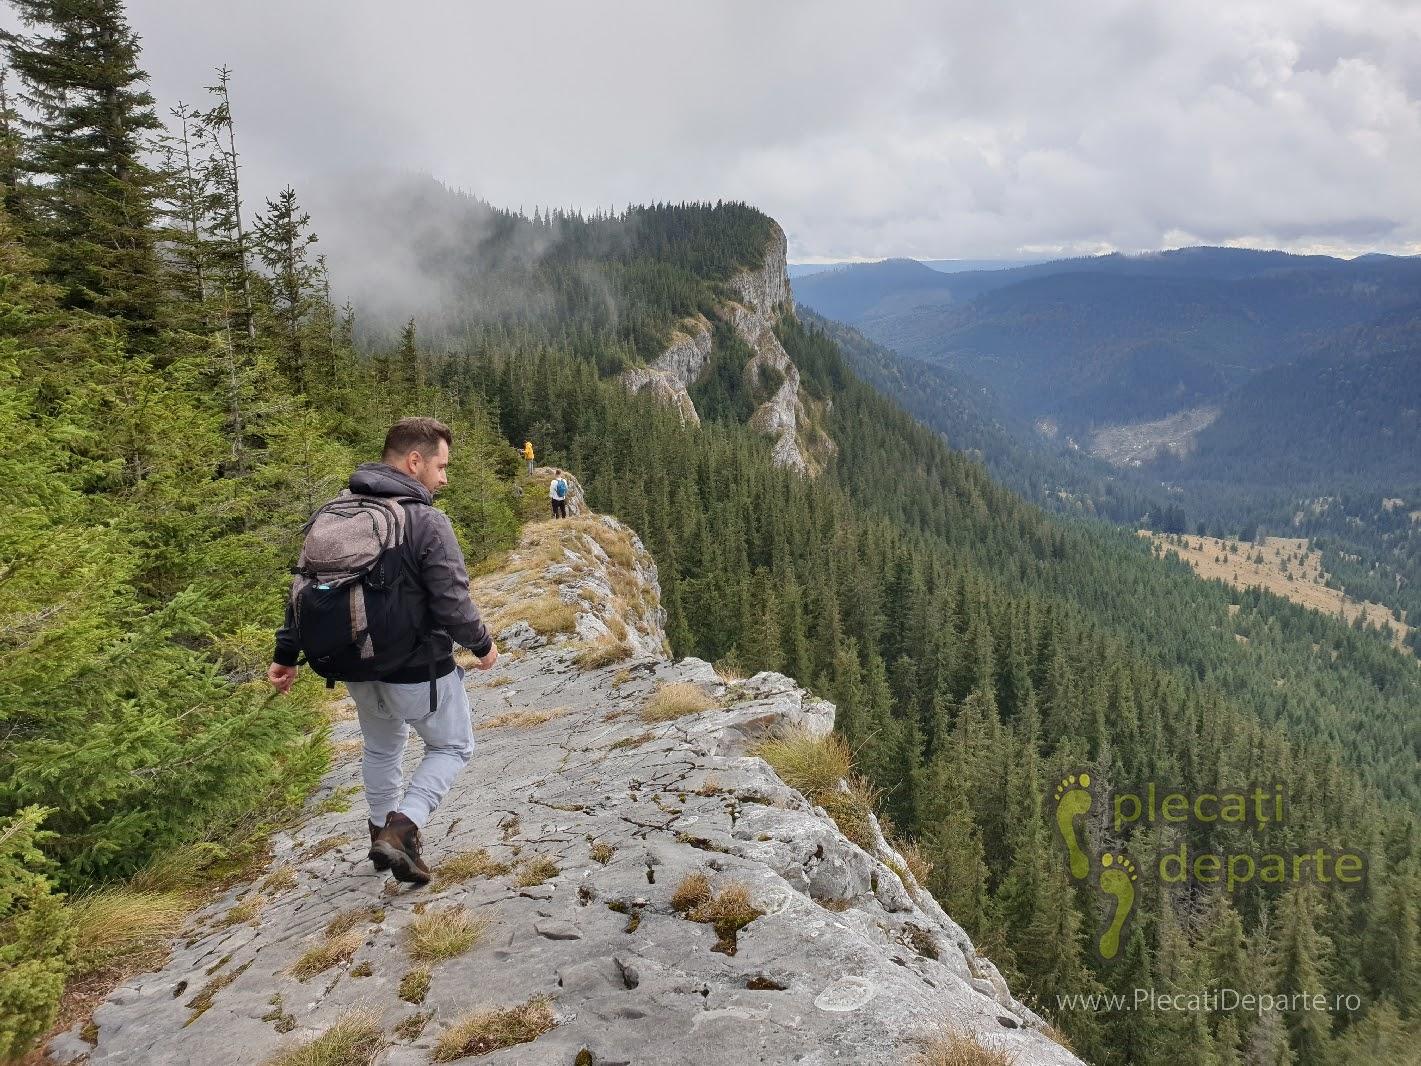 Mergand pe Pietrele Albe, traseu de creasta, traseul de la cascada Valul Miresei, Rachitele